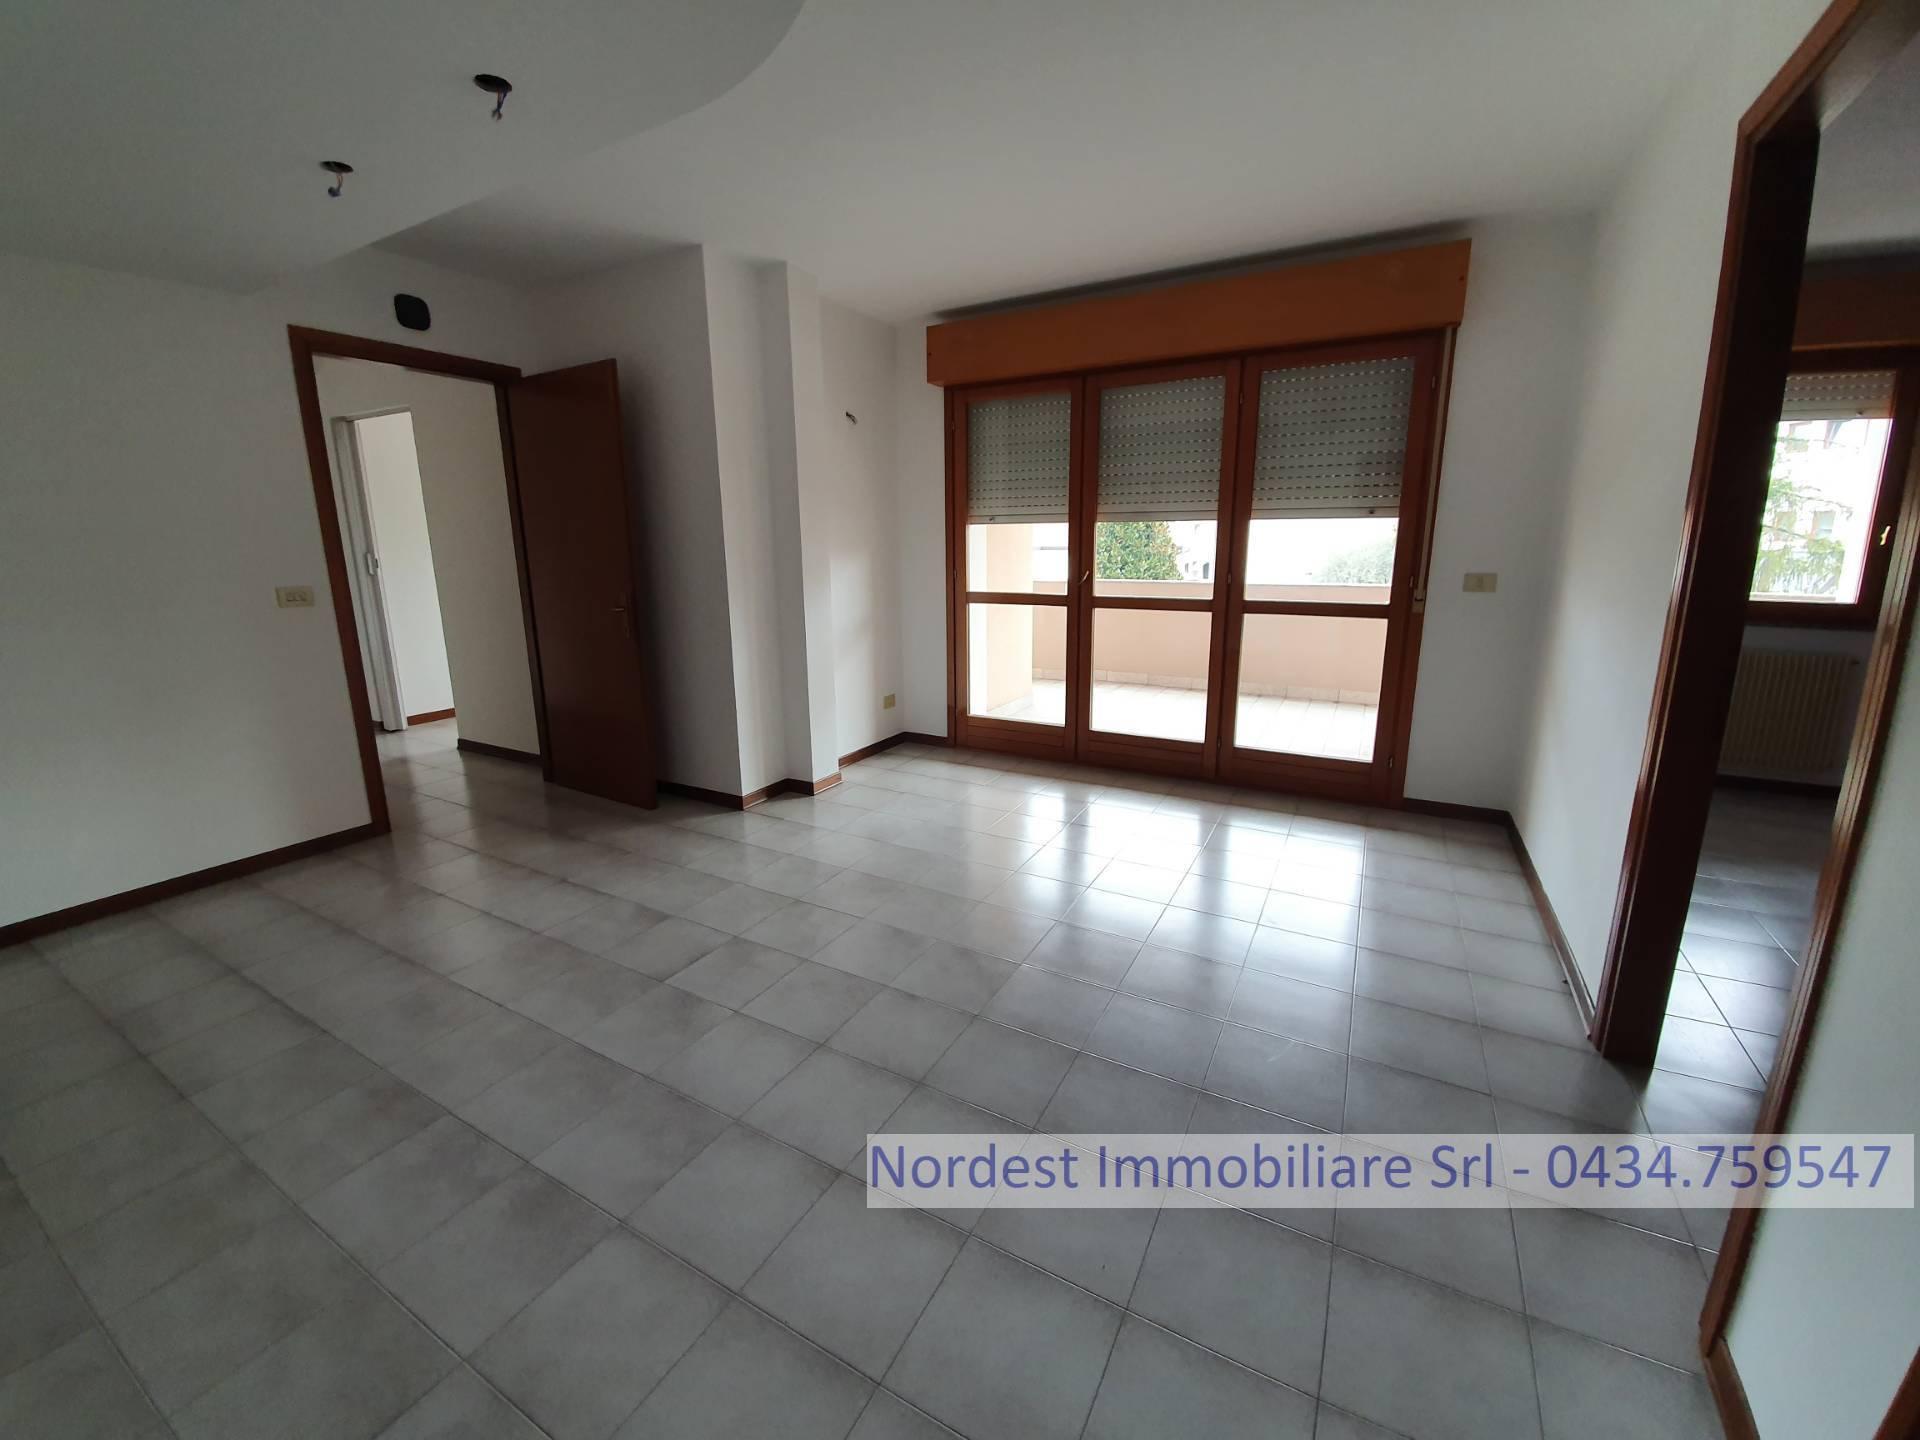 Ufficio / Studio in affitto a Prata di Pordenone, 9999 locali, prezzo € 500 | CambioCasa.it